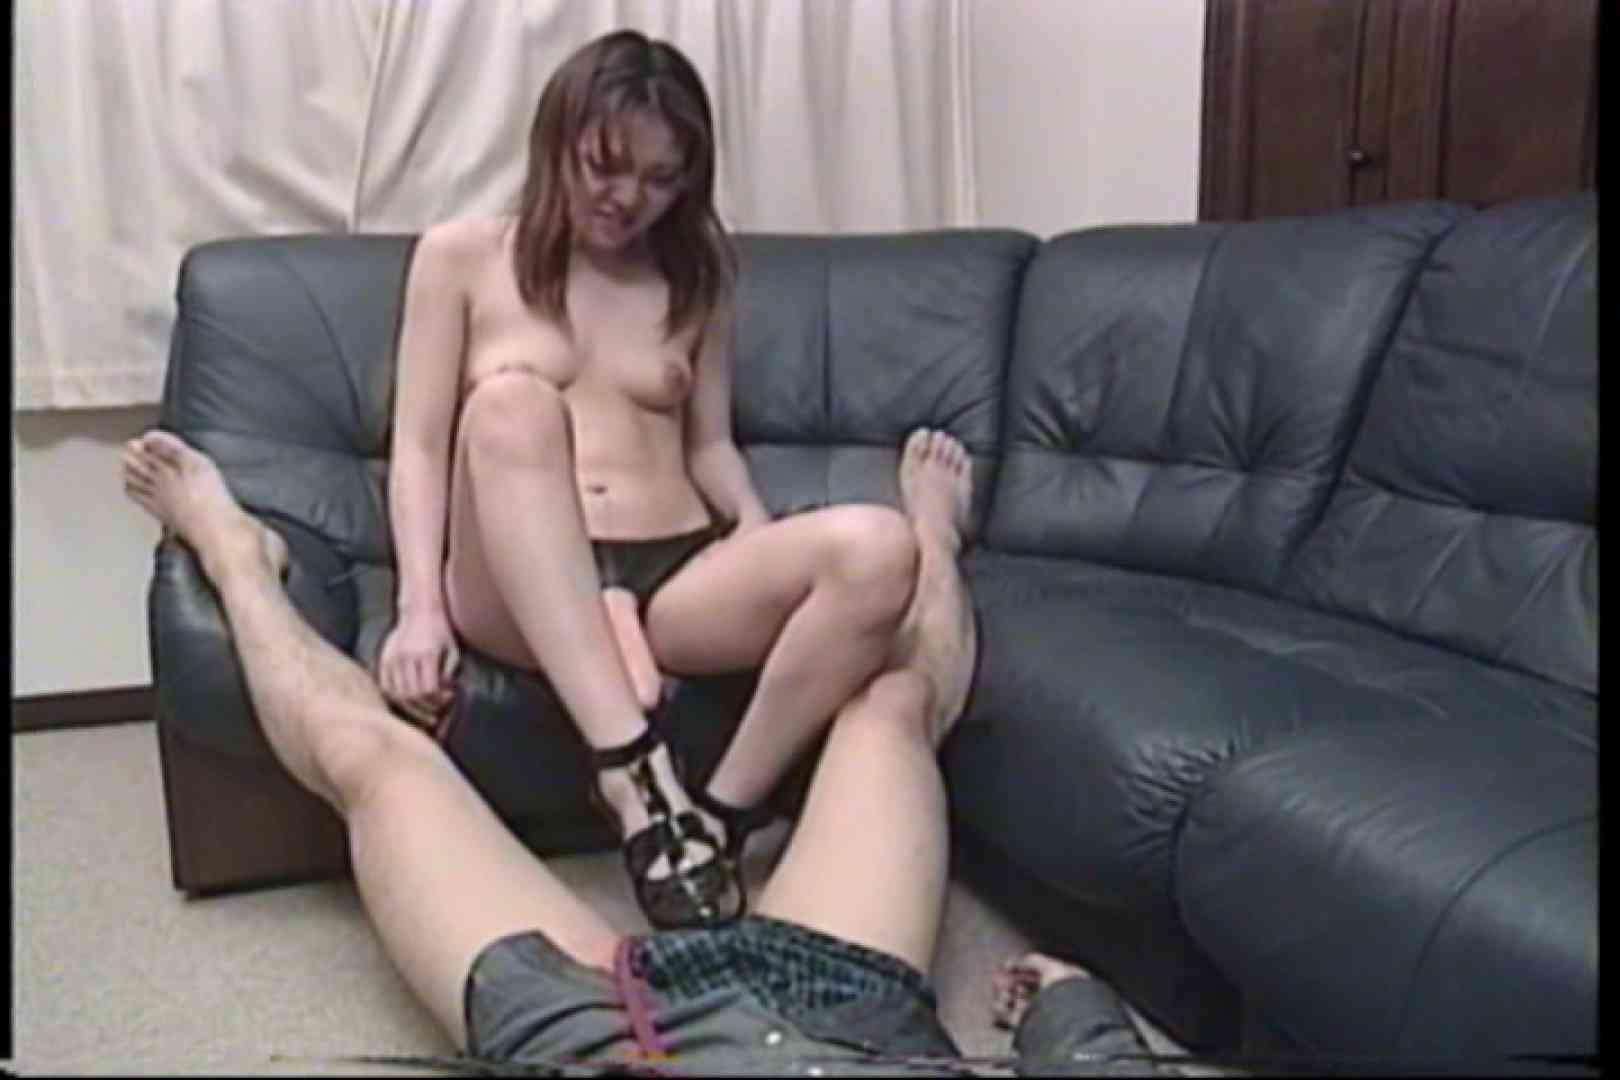 元気な女王様はお好きですか?~麻生紀香~ ロリ 盗み撮り動画 113pic 59